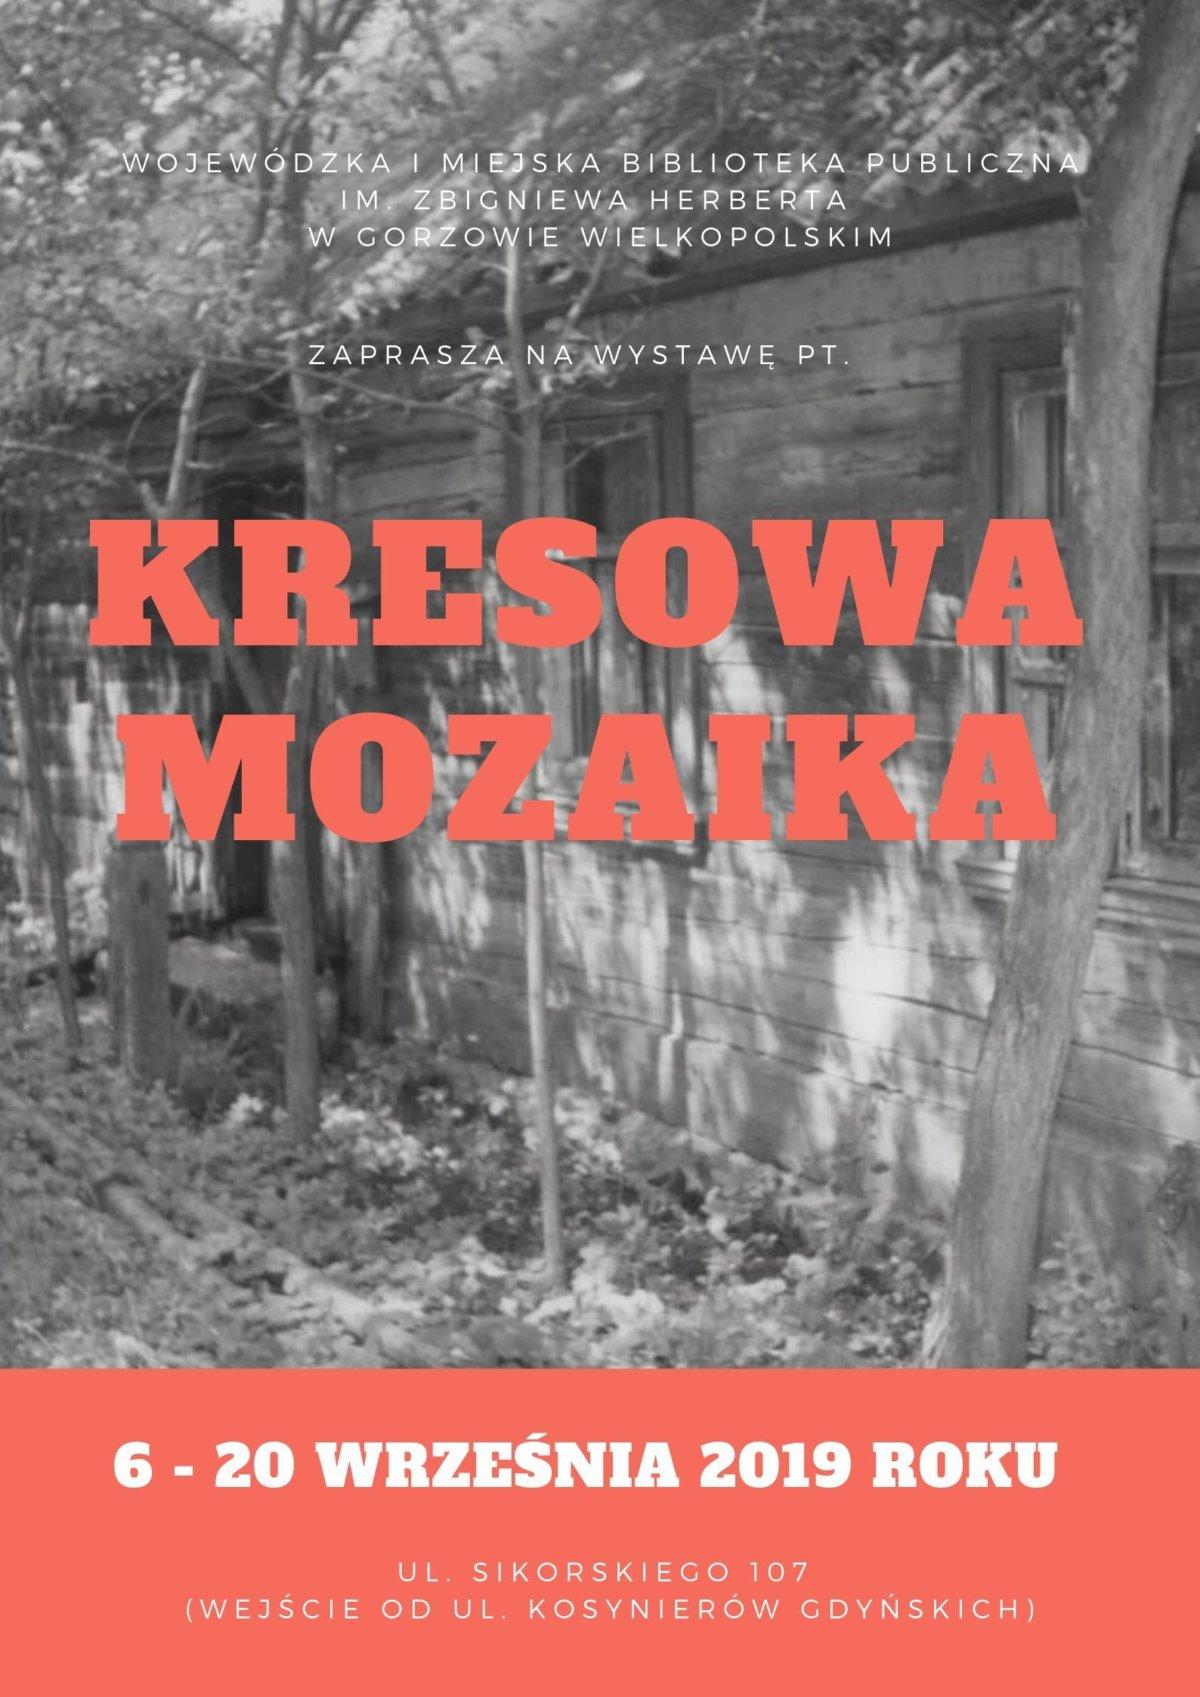 """Zapraszamy na wystawę """"Kresowa mozaika"""". Do oglądania w holu na parterze Biblioteki od 6 do 20 września 2019 r."""